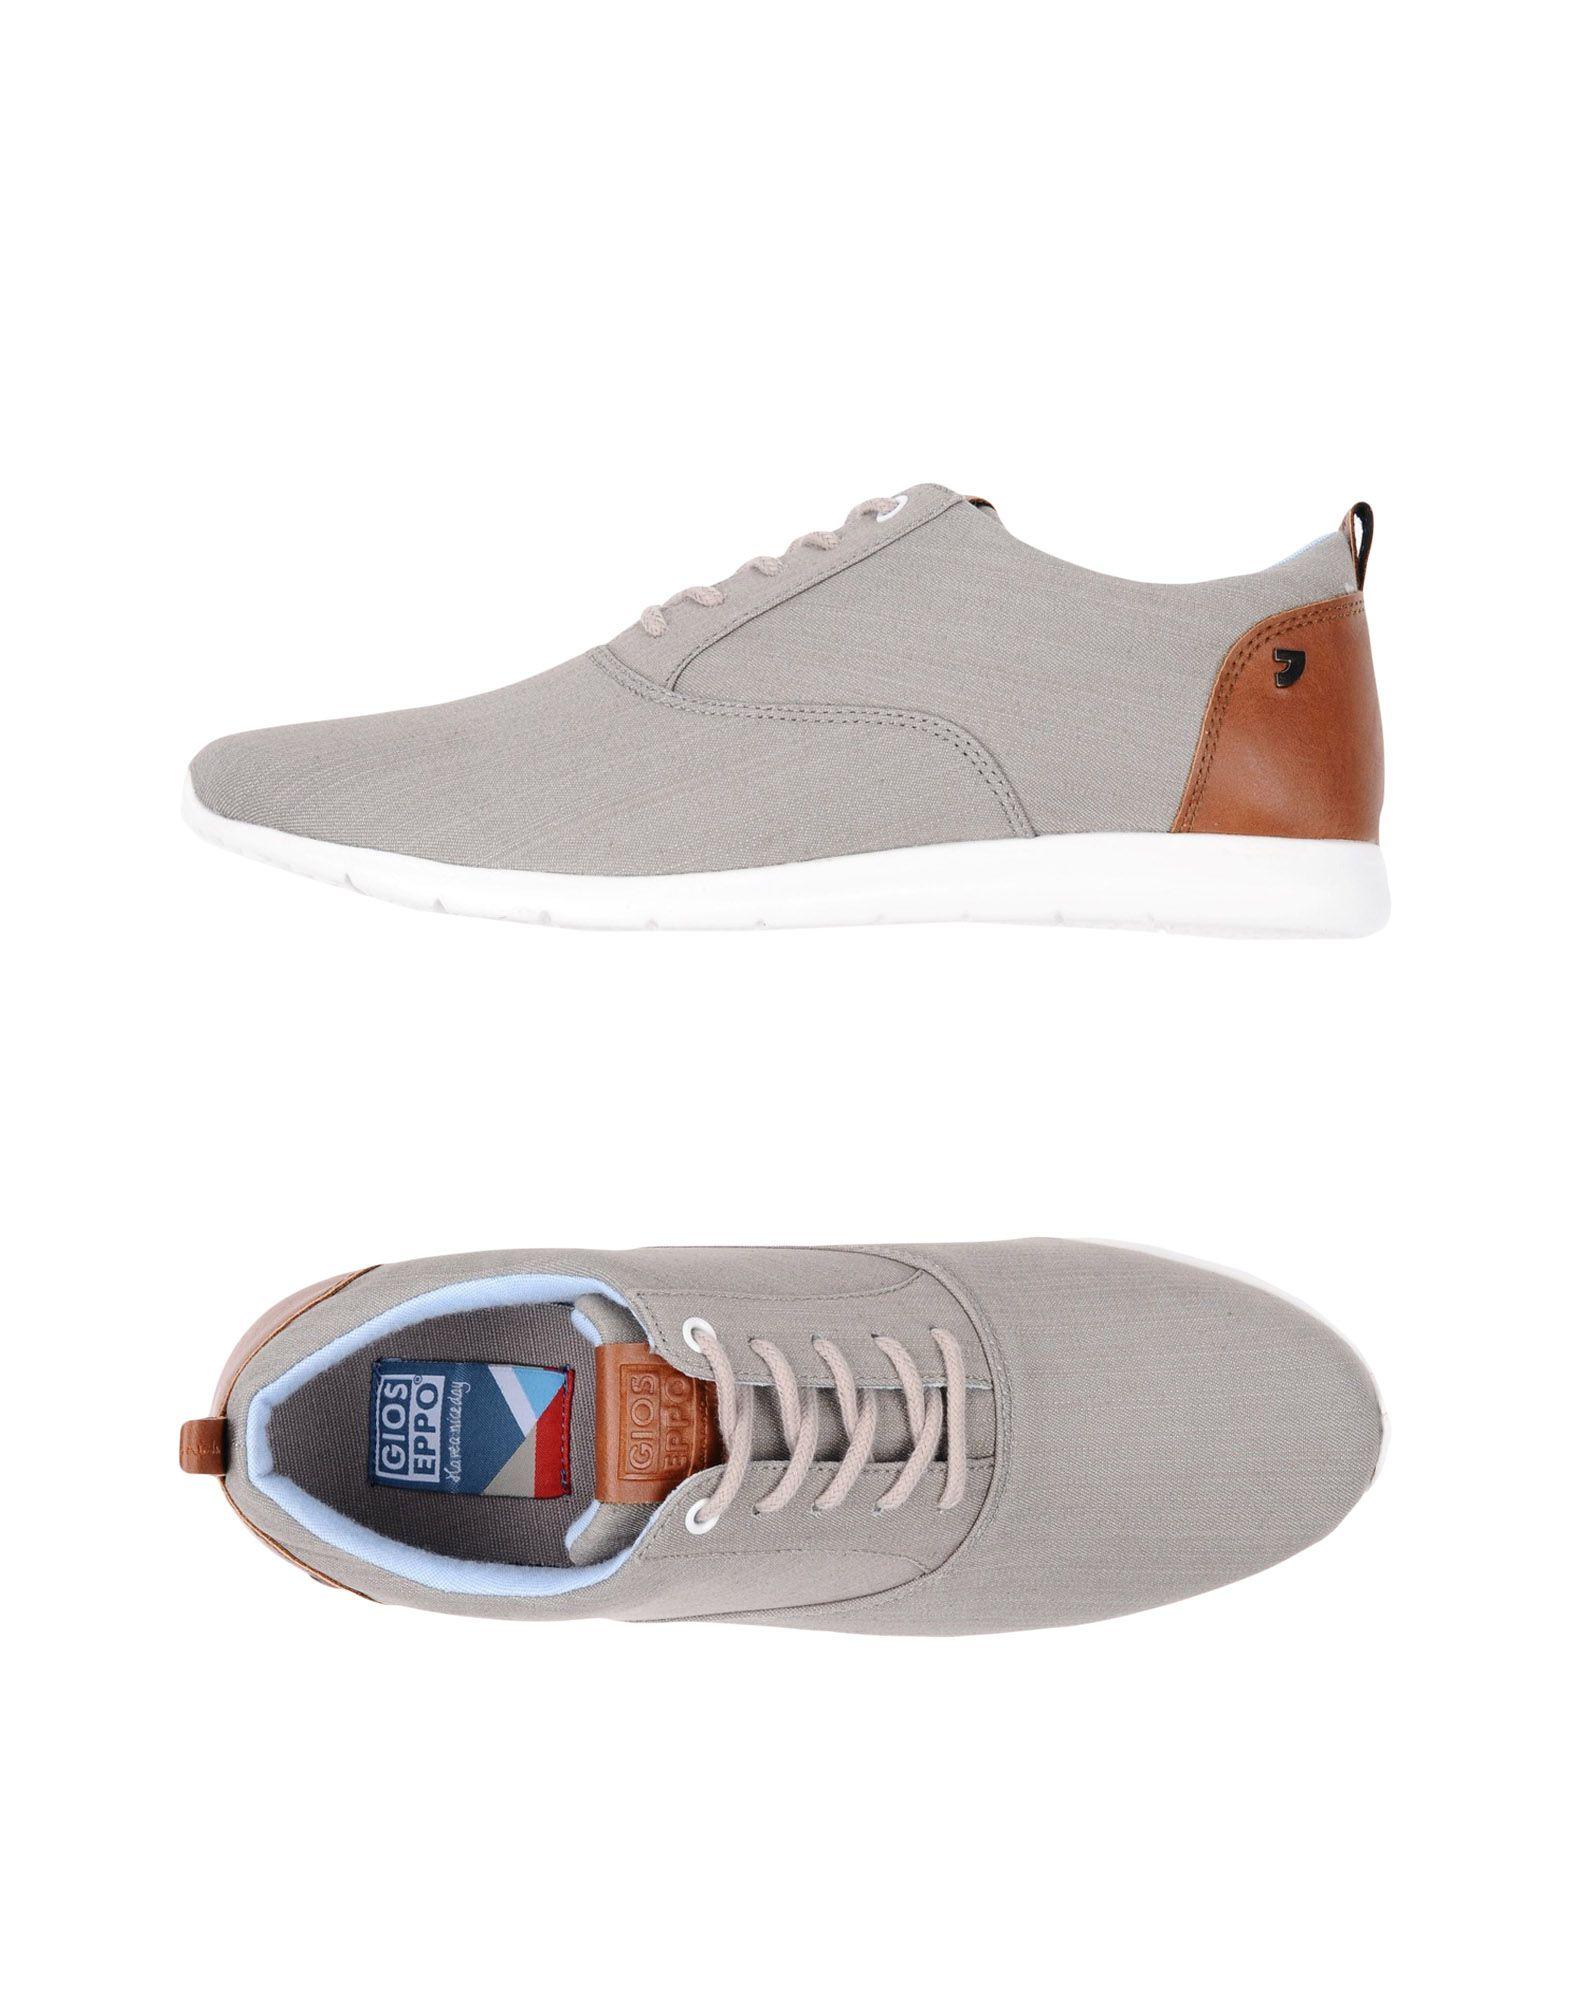 Sneakers Gioseppo Homme - Sneakers Gioseppo  Bleu Les chaussures les plus populaires pour les hommes et les femmes